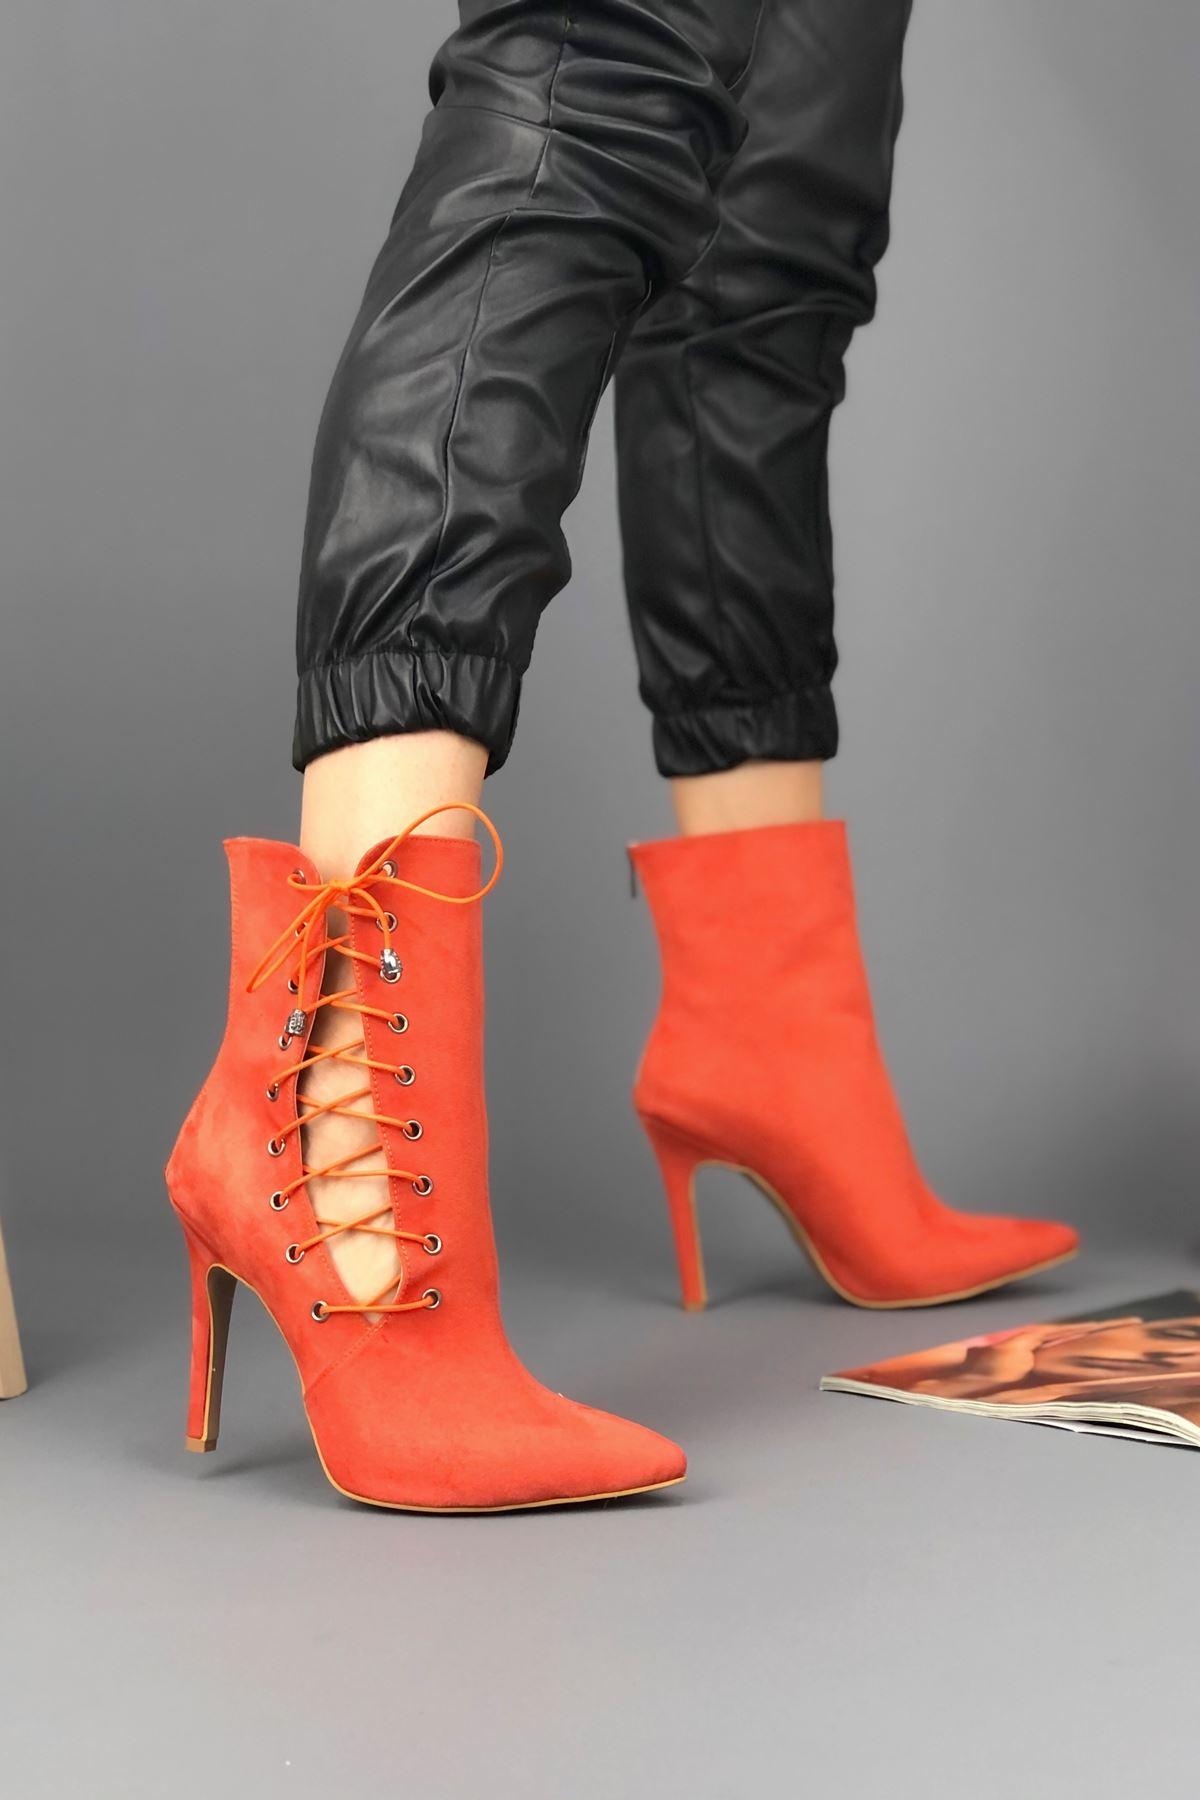 Aida Turuncu Süet Topuklu Kadın Ayakkabı